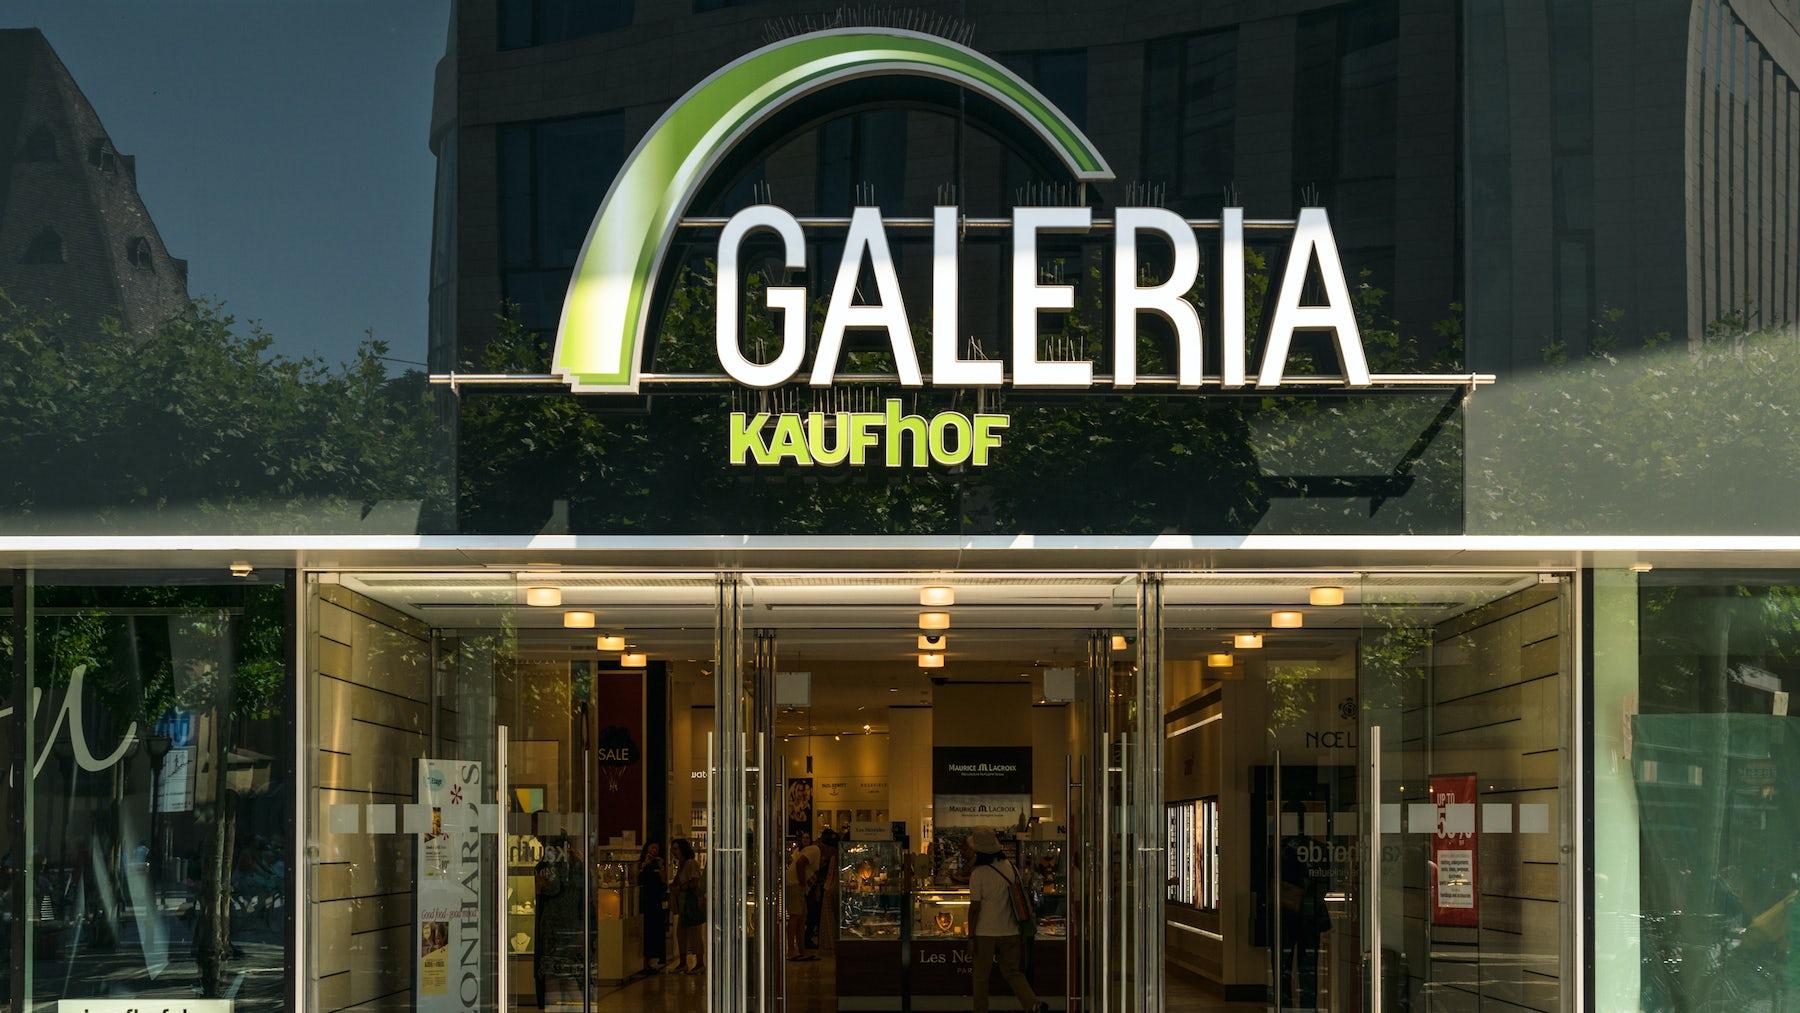 Galeria Kaufhof | Source: Shutterstock